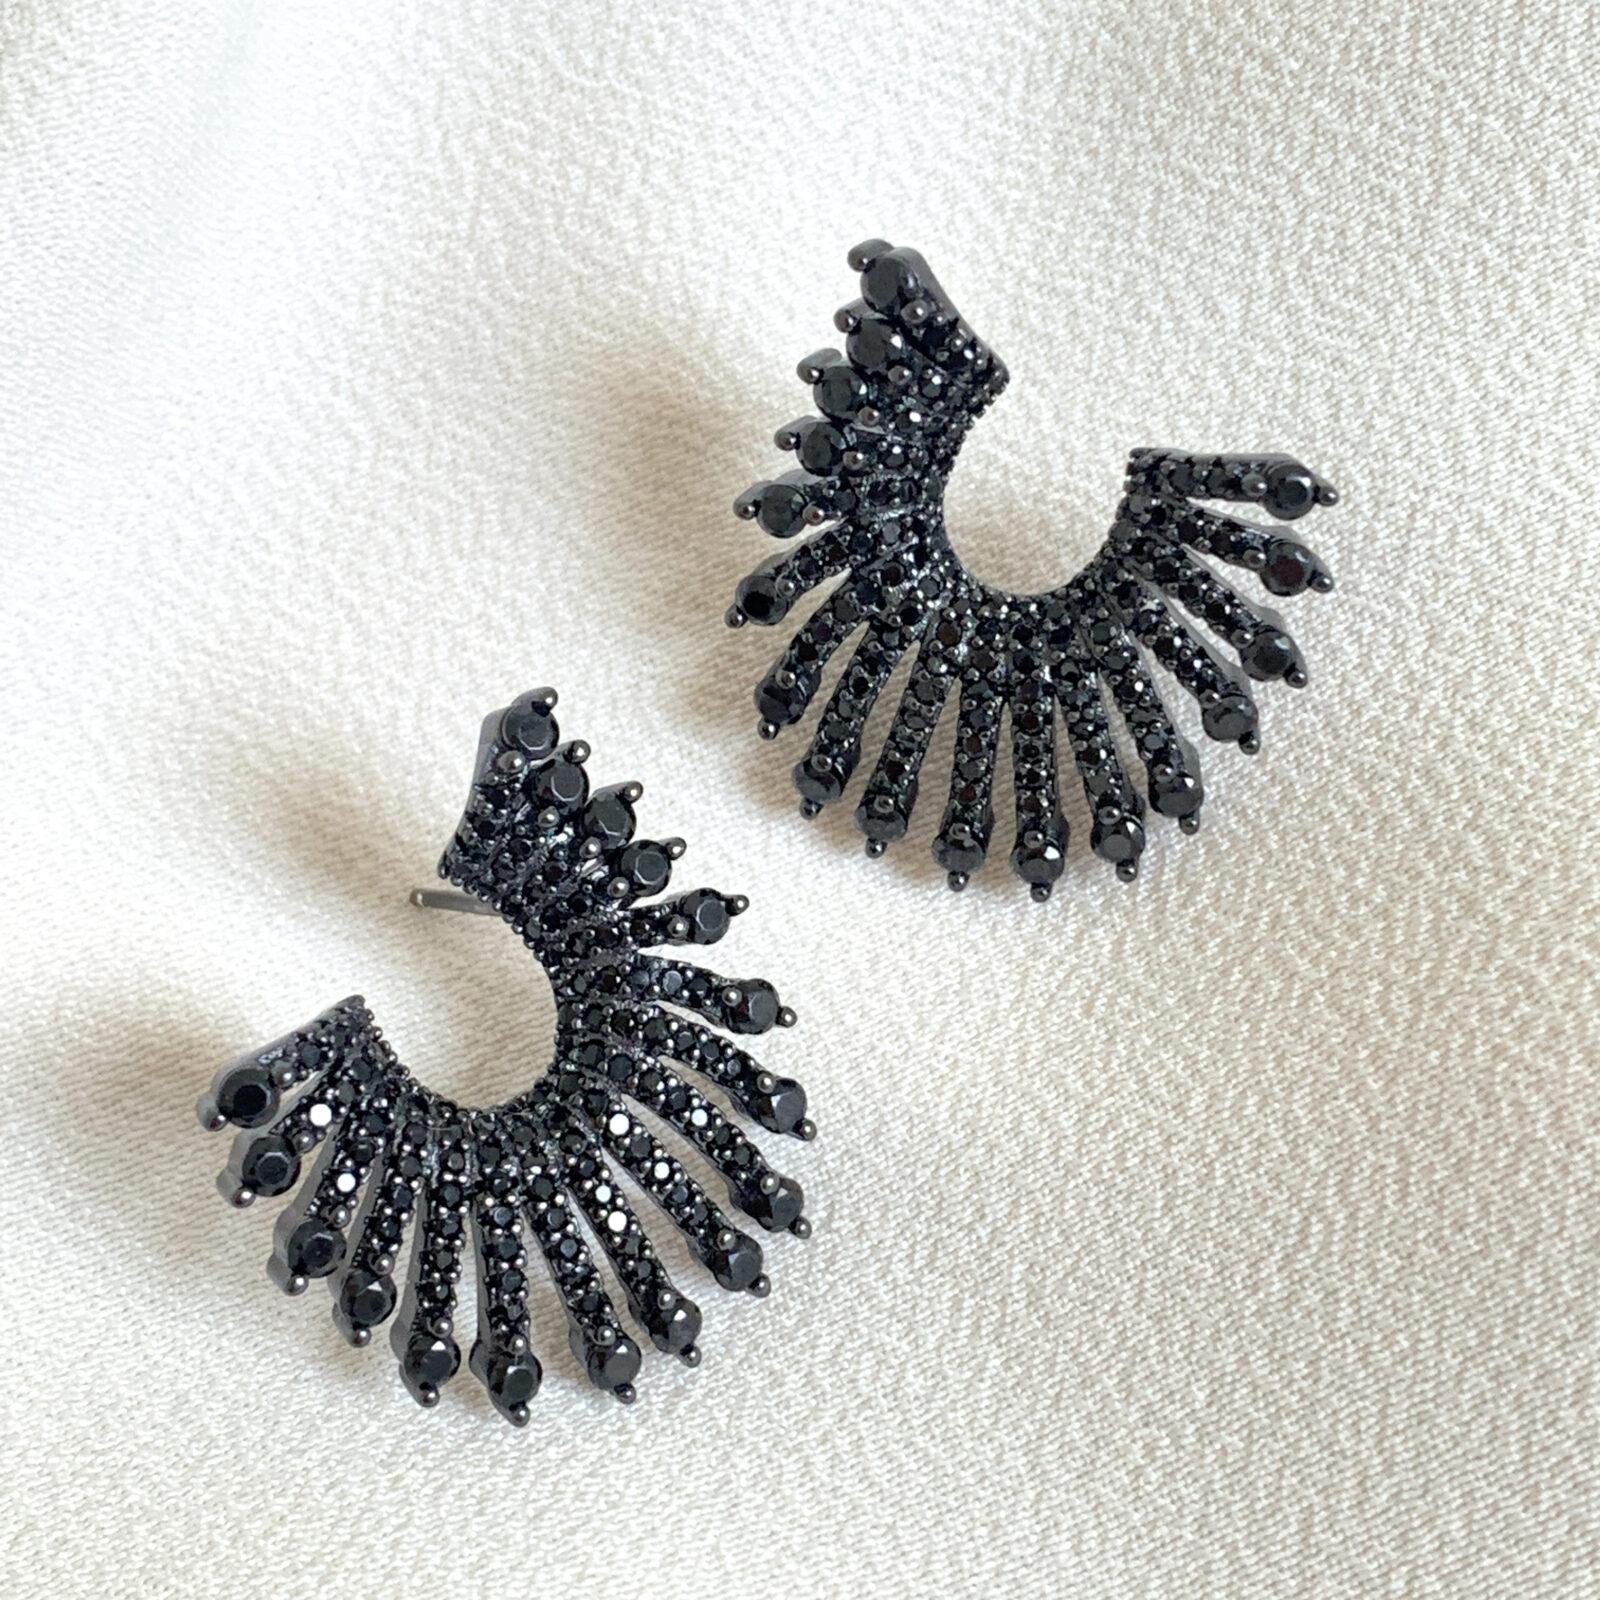 Brinco Black Luxo de Prata 925 | Lanarée Acessórios